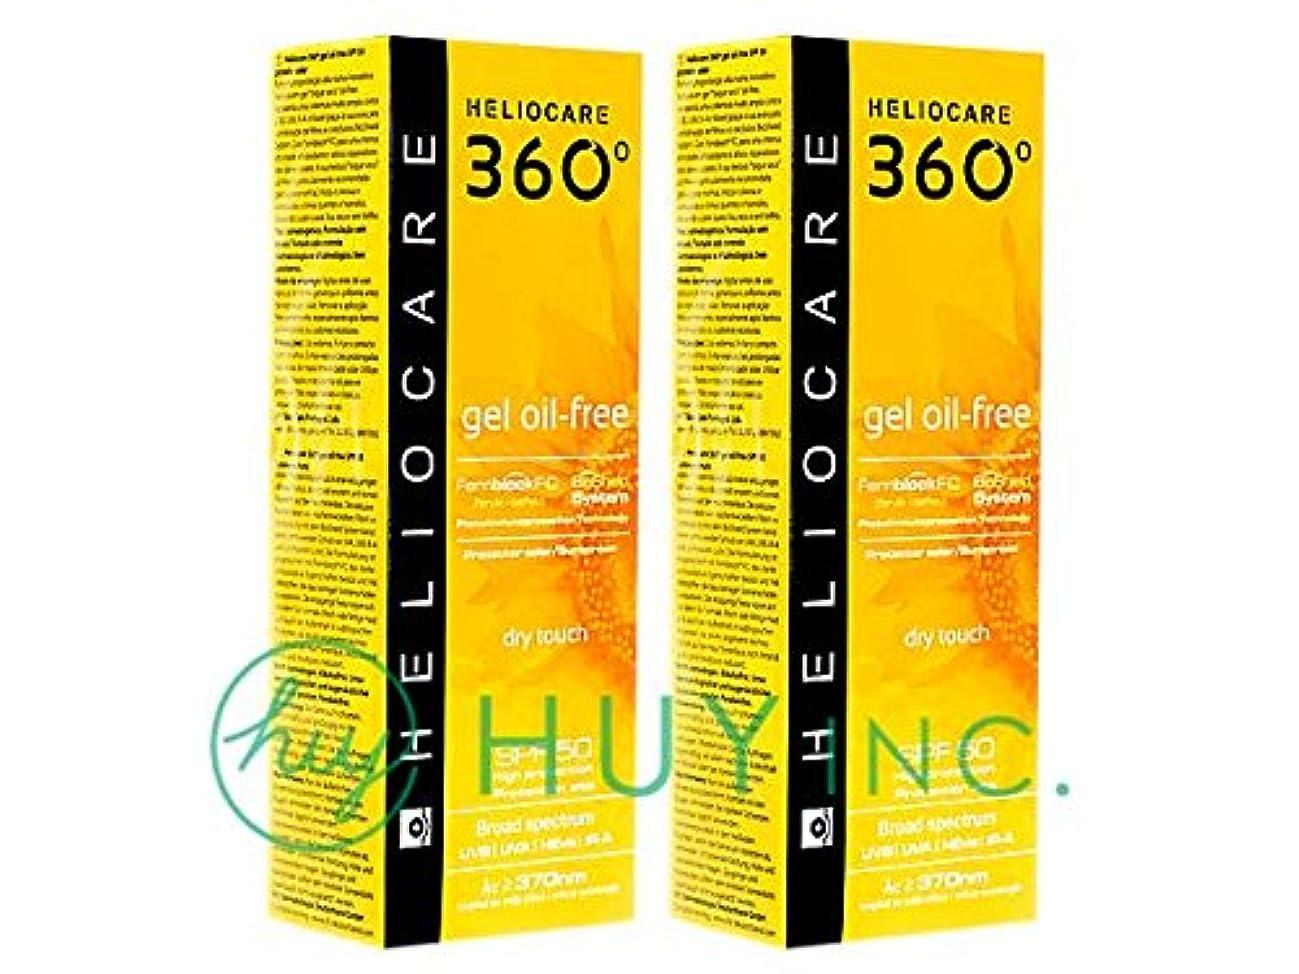 美しいマナーシェルターヘリオケア 360°ジェルオイルフリー(Heliocare360GelOil-Free)SPF50 2ボトル(50ml×2) [並行輸入品]